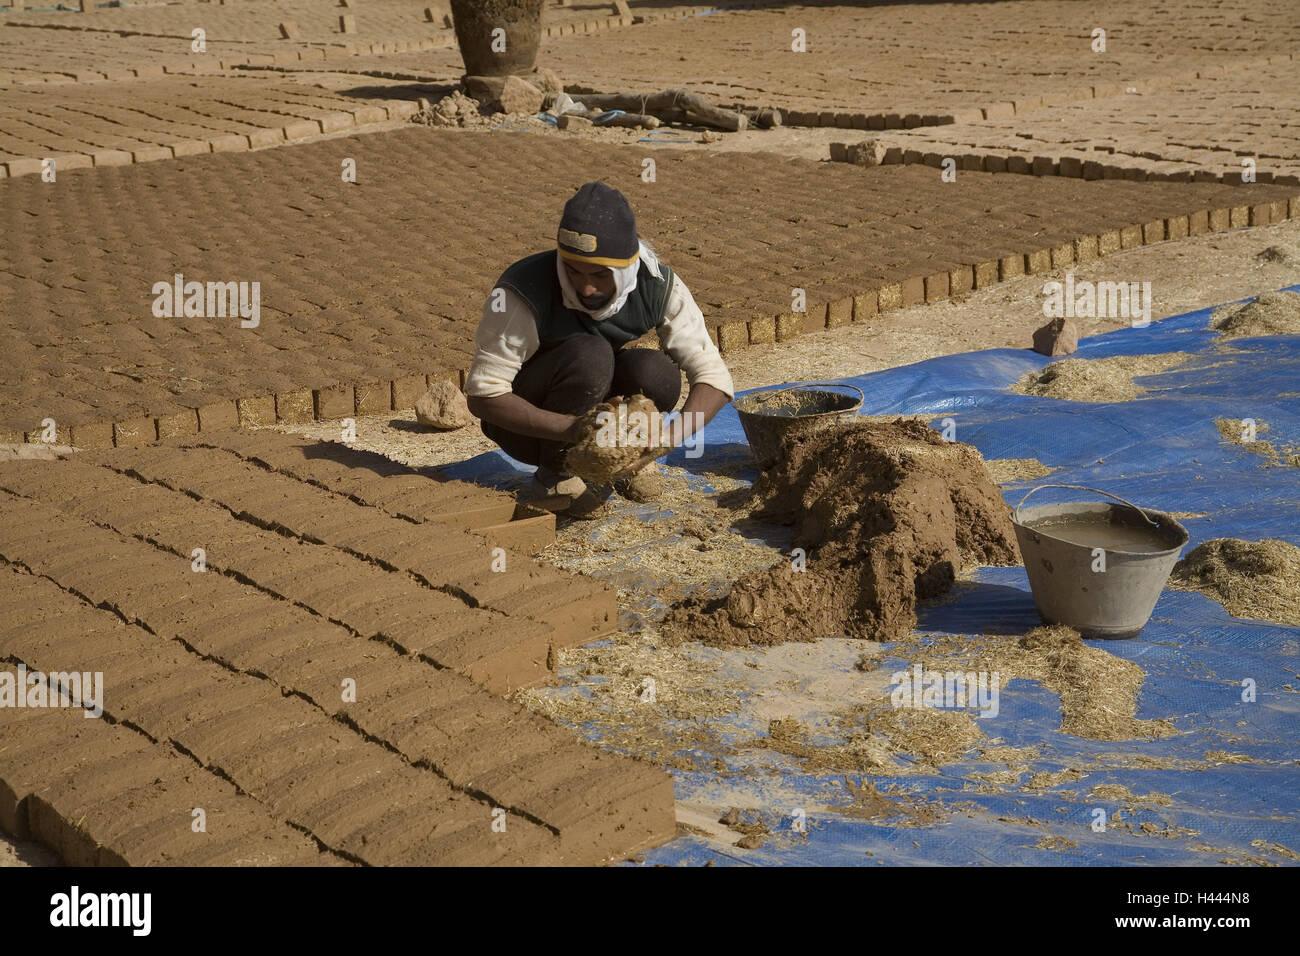 Saudi Arabia, Al-Ula, clay brick production, worker, person, man, work, headgear, production, clay brick, huge number, - Stock Image